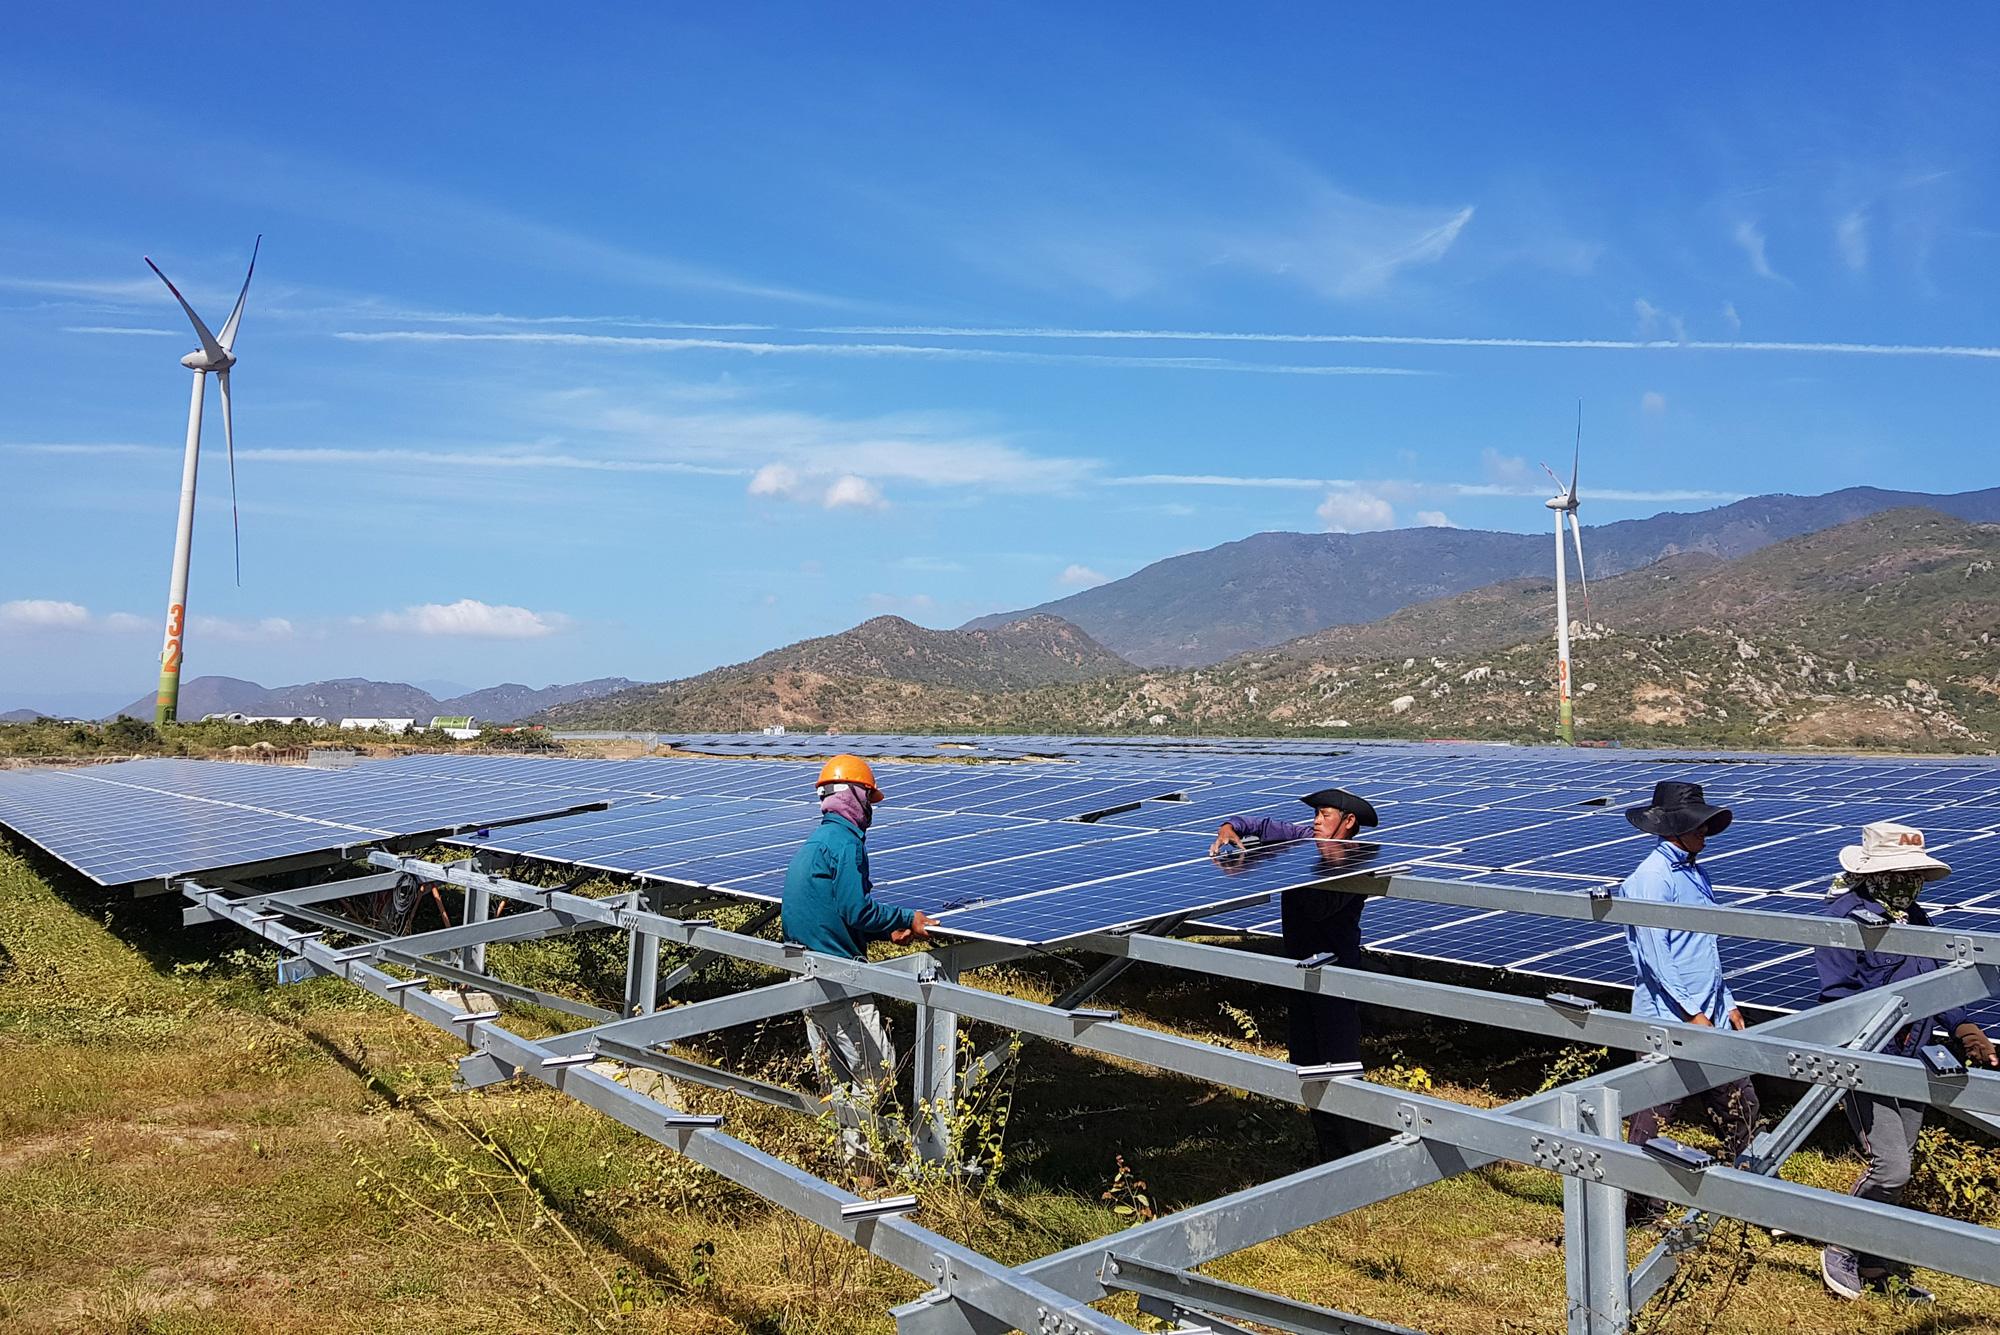 Chính phủ chốt giá mua điện mặt trời trên mái nhà 1.943 đồng/kWh